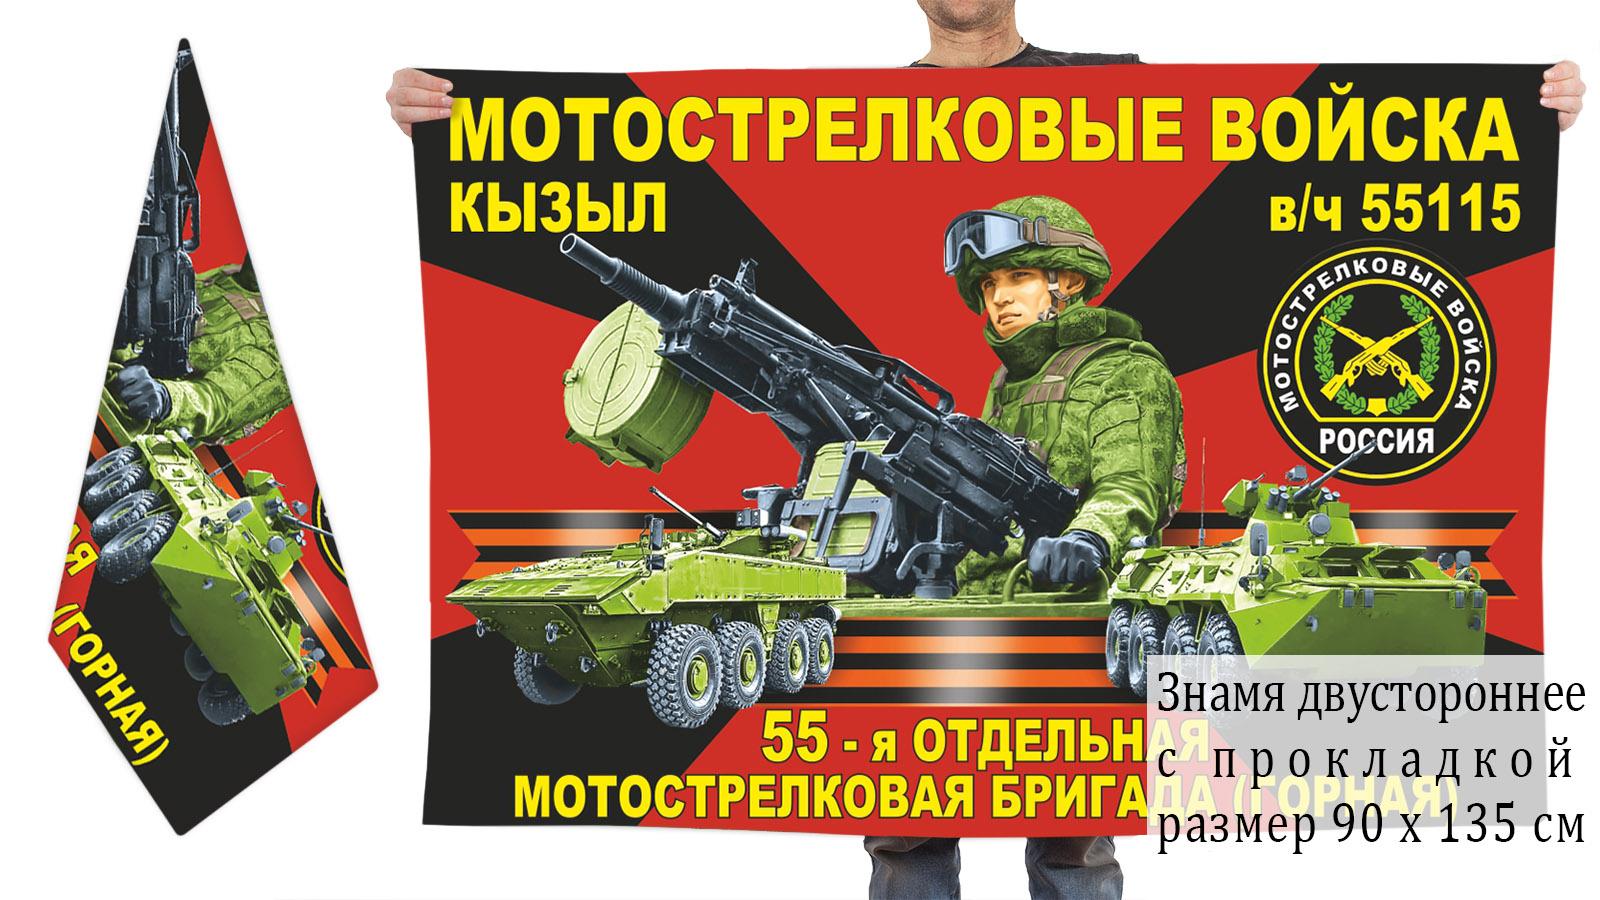 Двусторонний флаг 55 отдельной бригады мотострелков горной